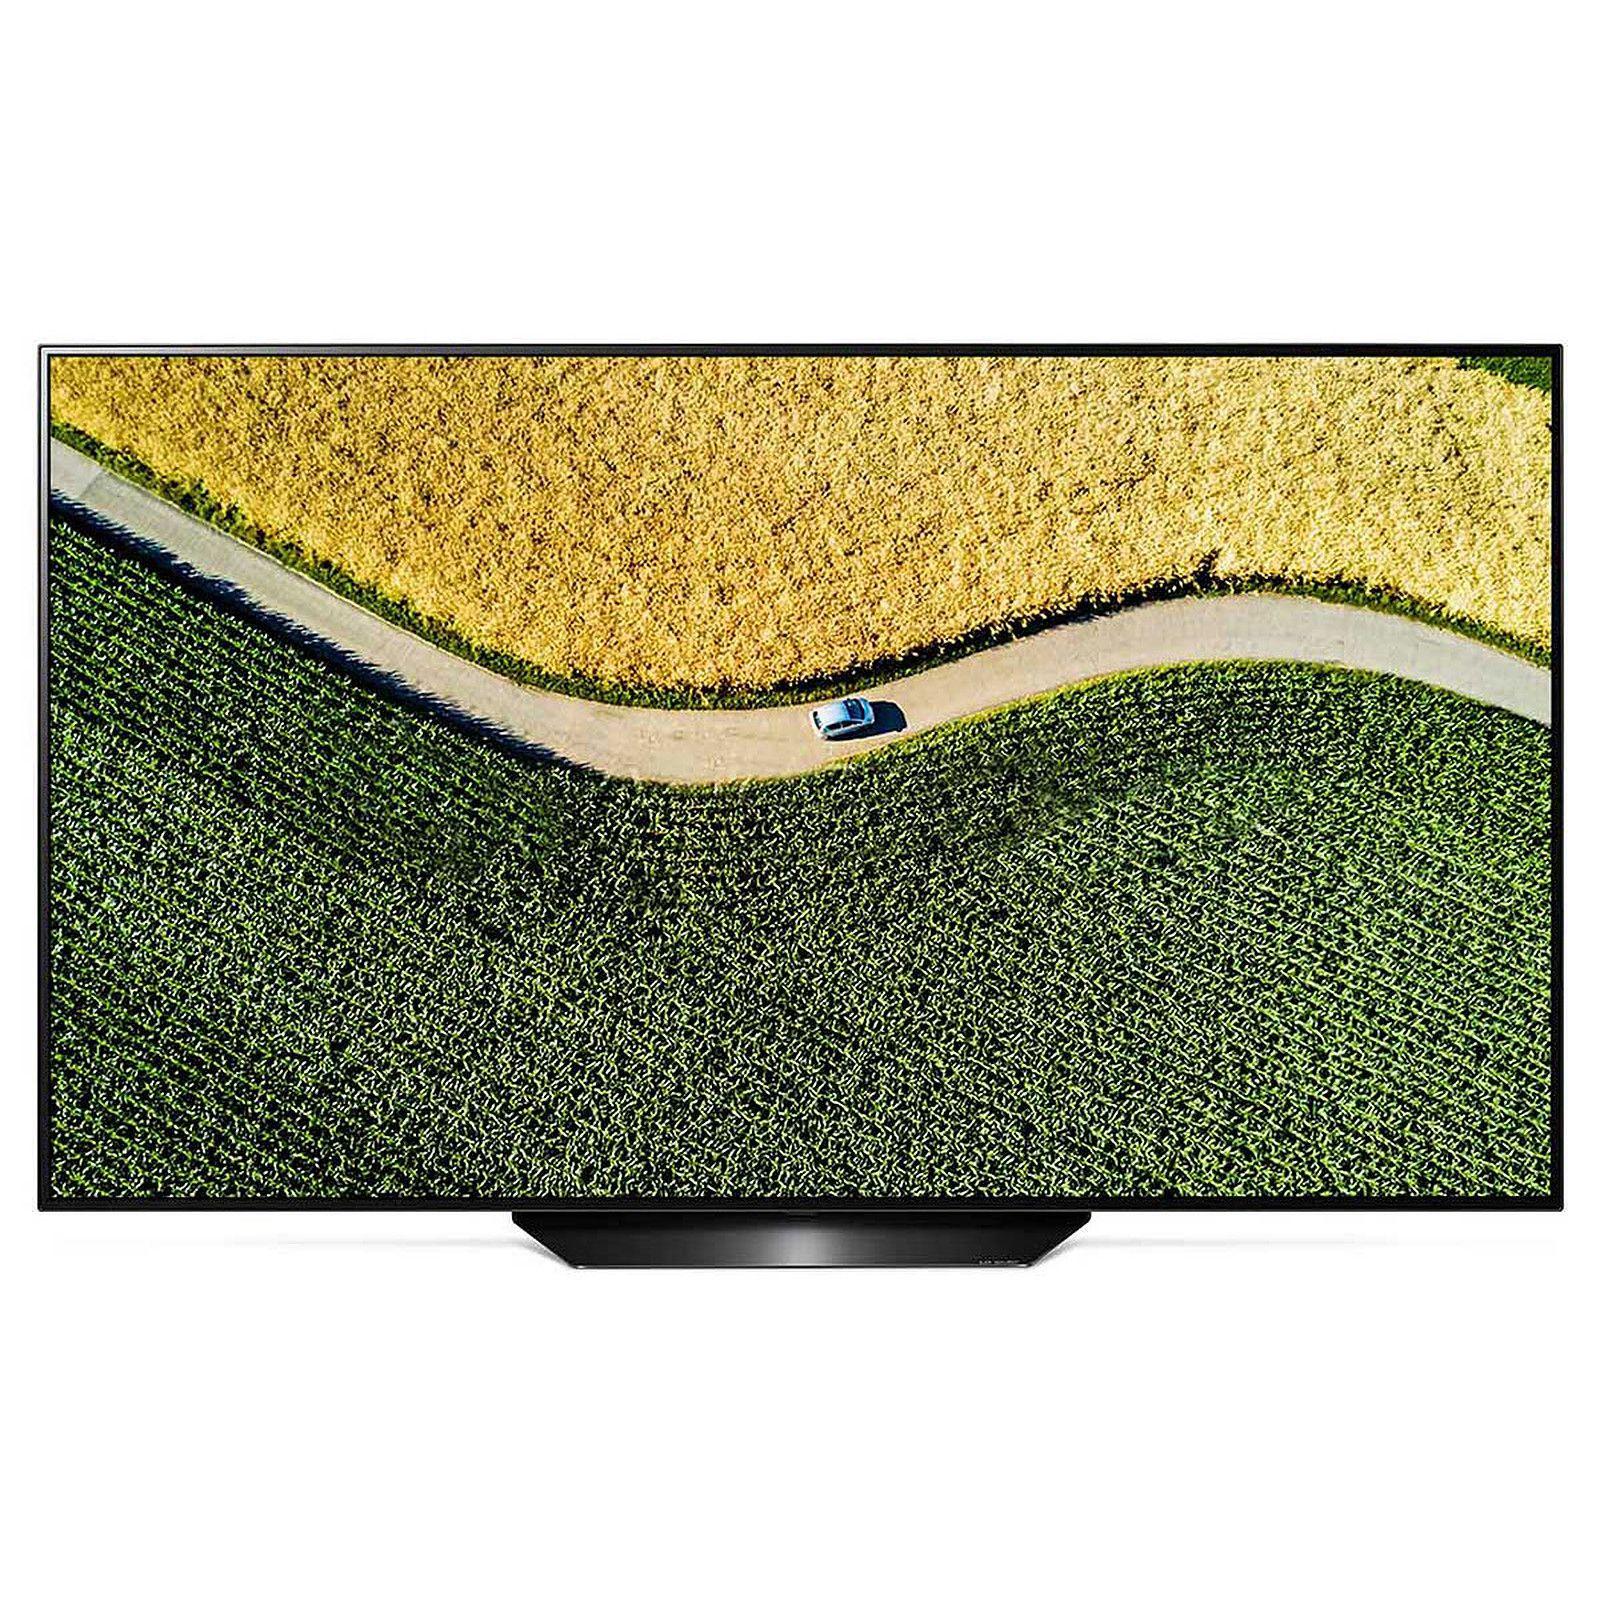 """TV 55"""" LG 55B9 2019 - OLED, 4K UHD - Moulins Averme (03)"""